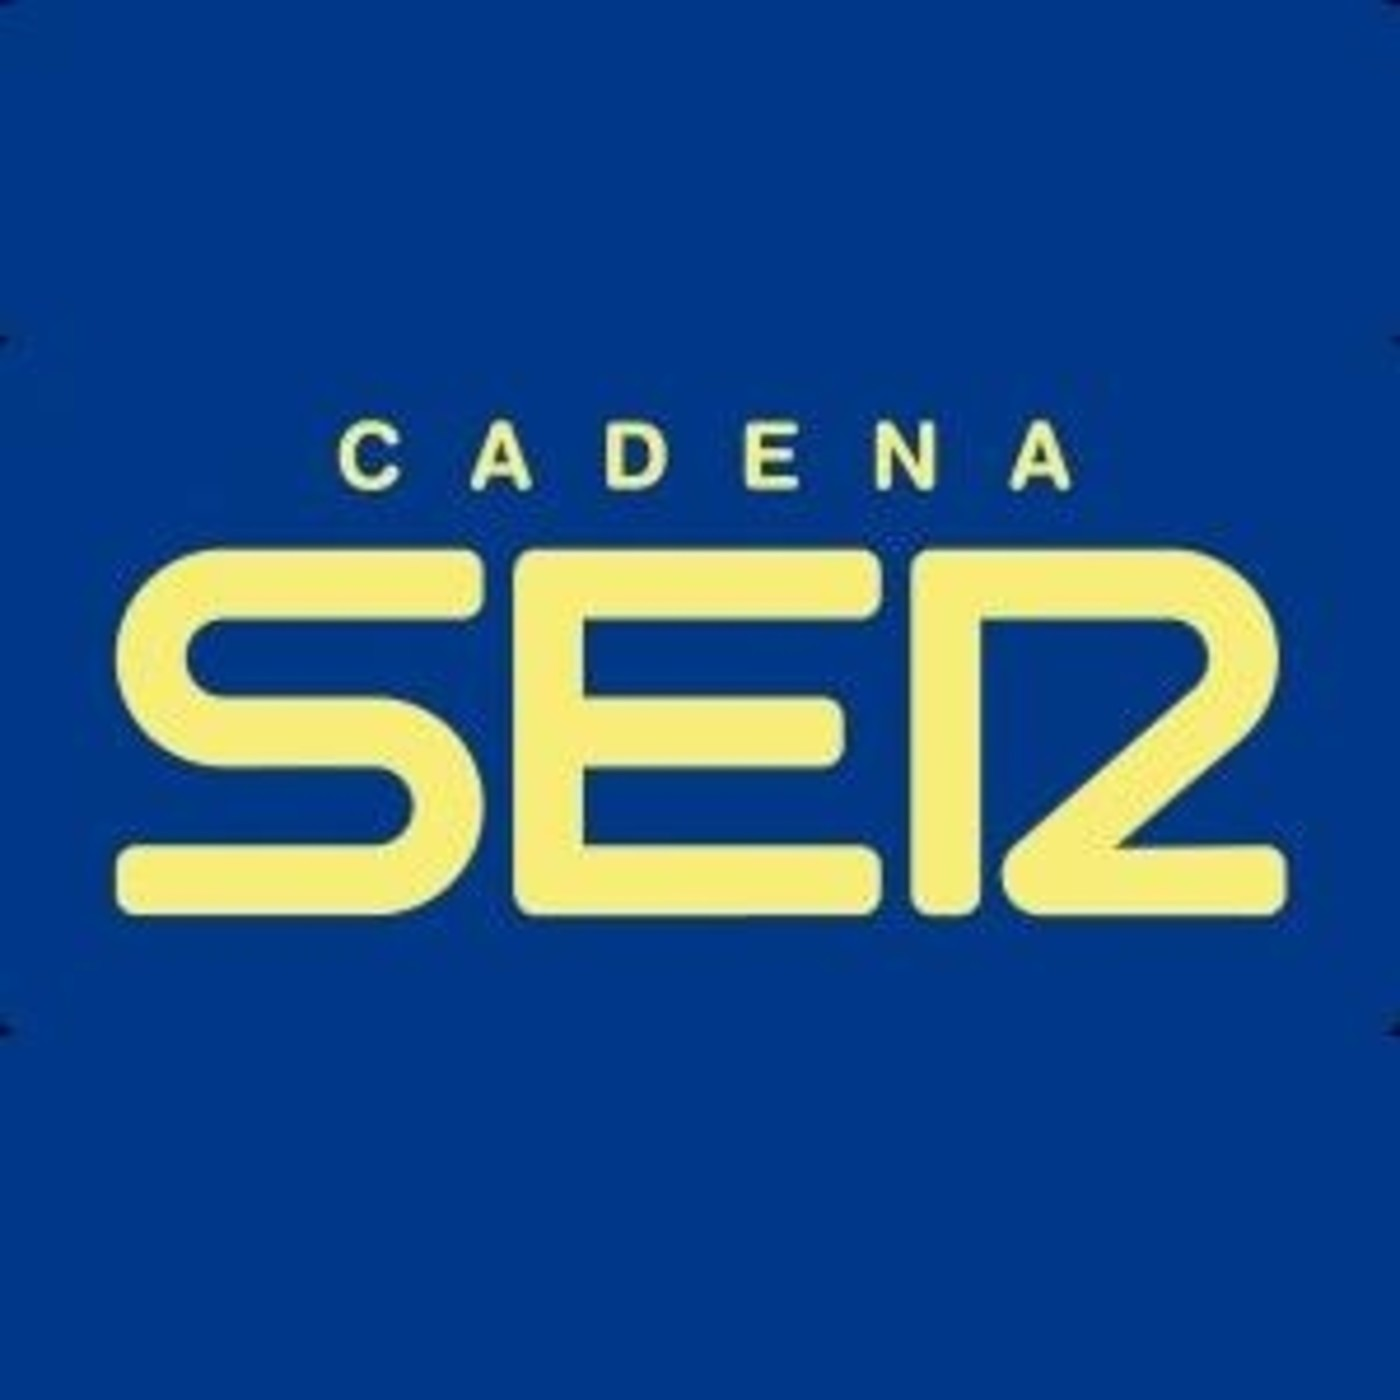 Milenio 3.Iker Jiménez.Cadena SER. Programa completo. 02 12 2012. en ...